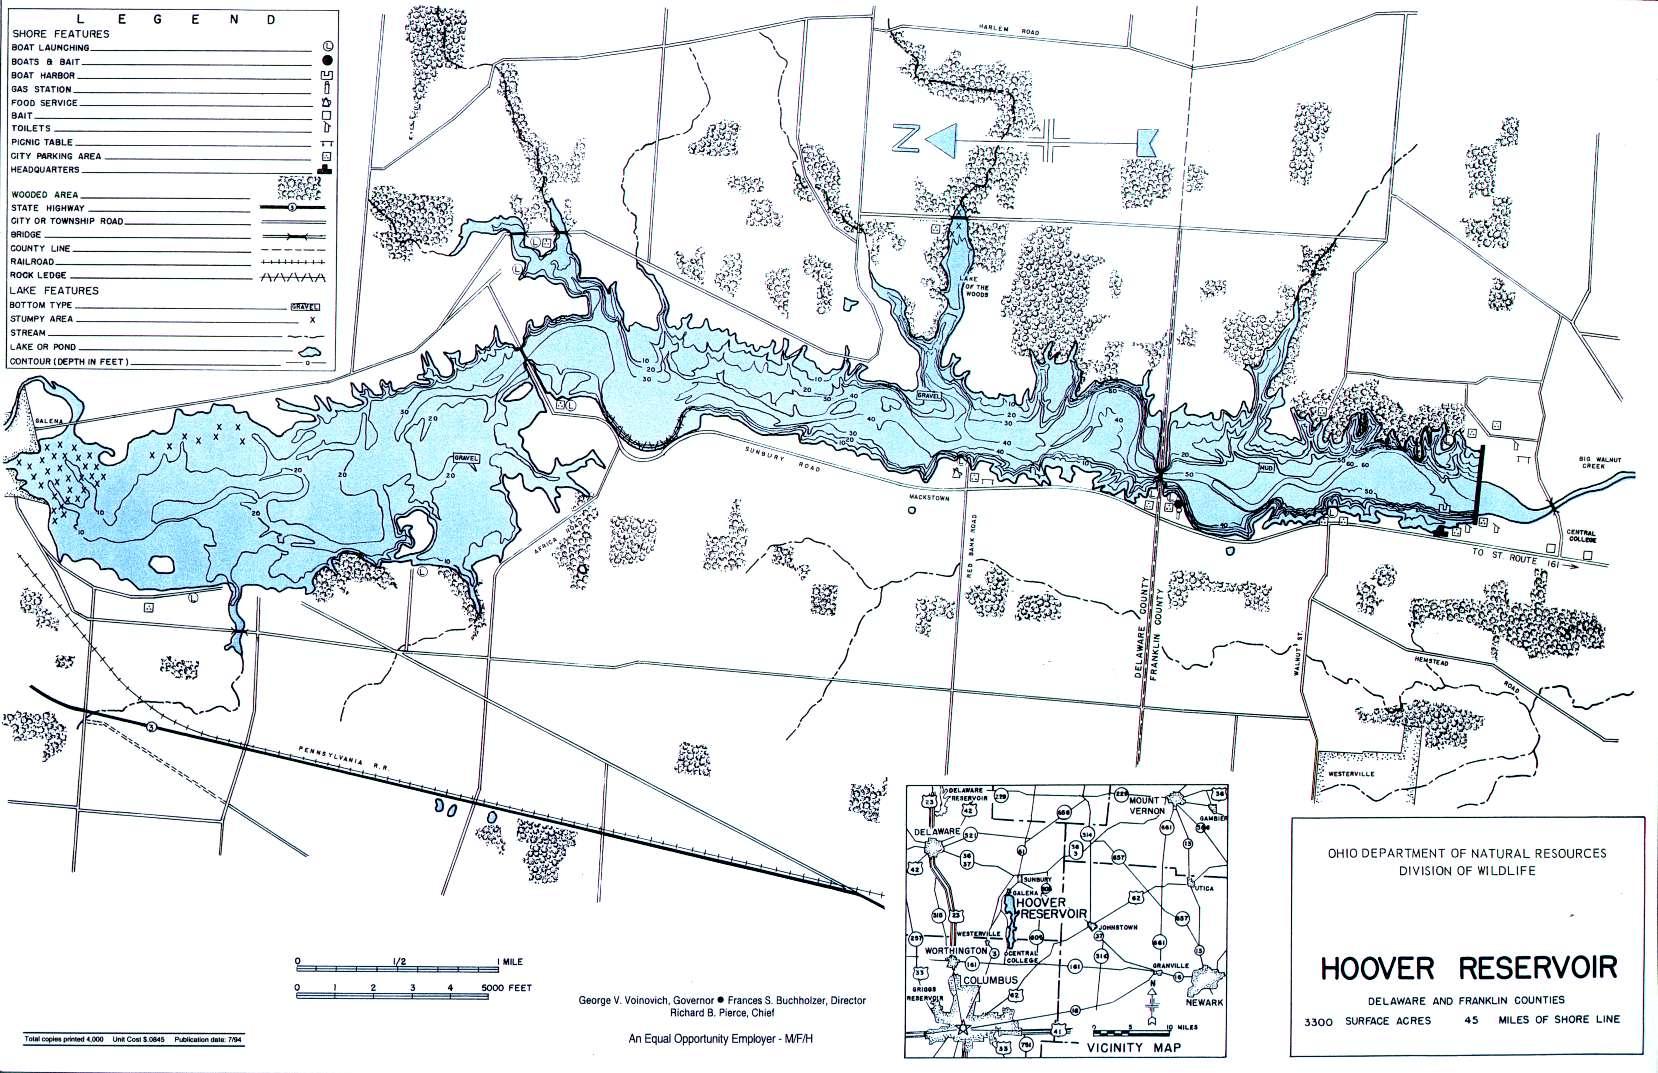 Hoover Reservoir Fishing Map - GoFishOhio